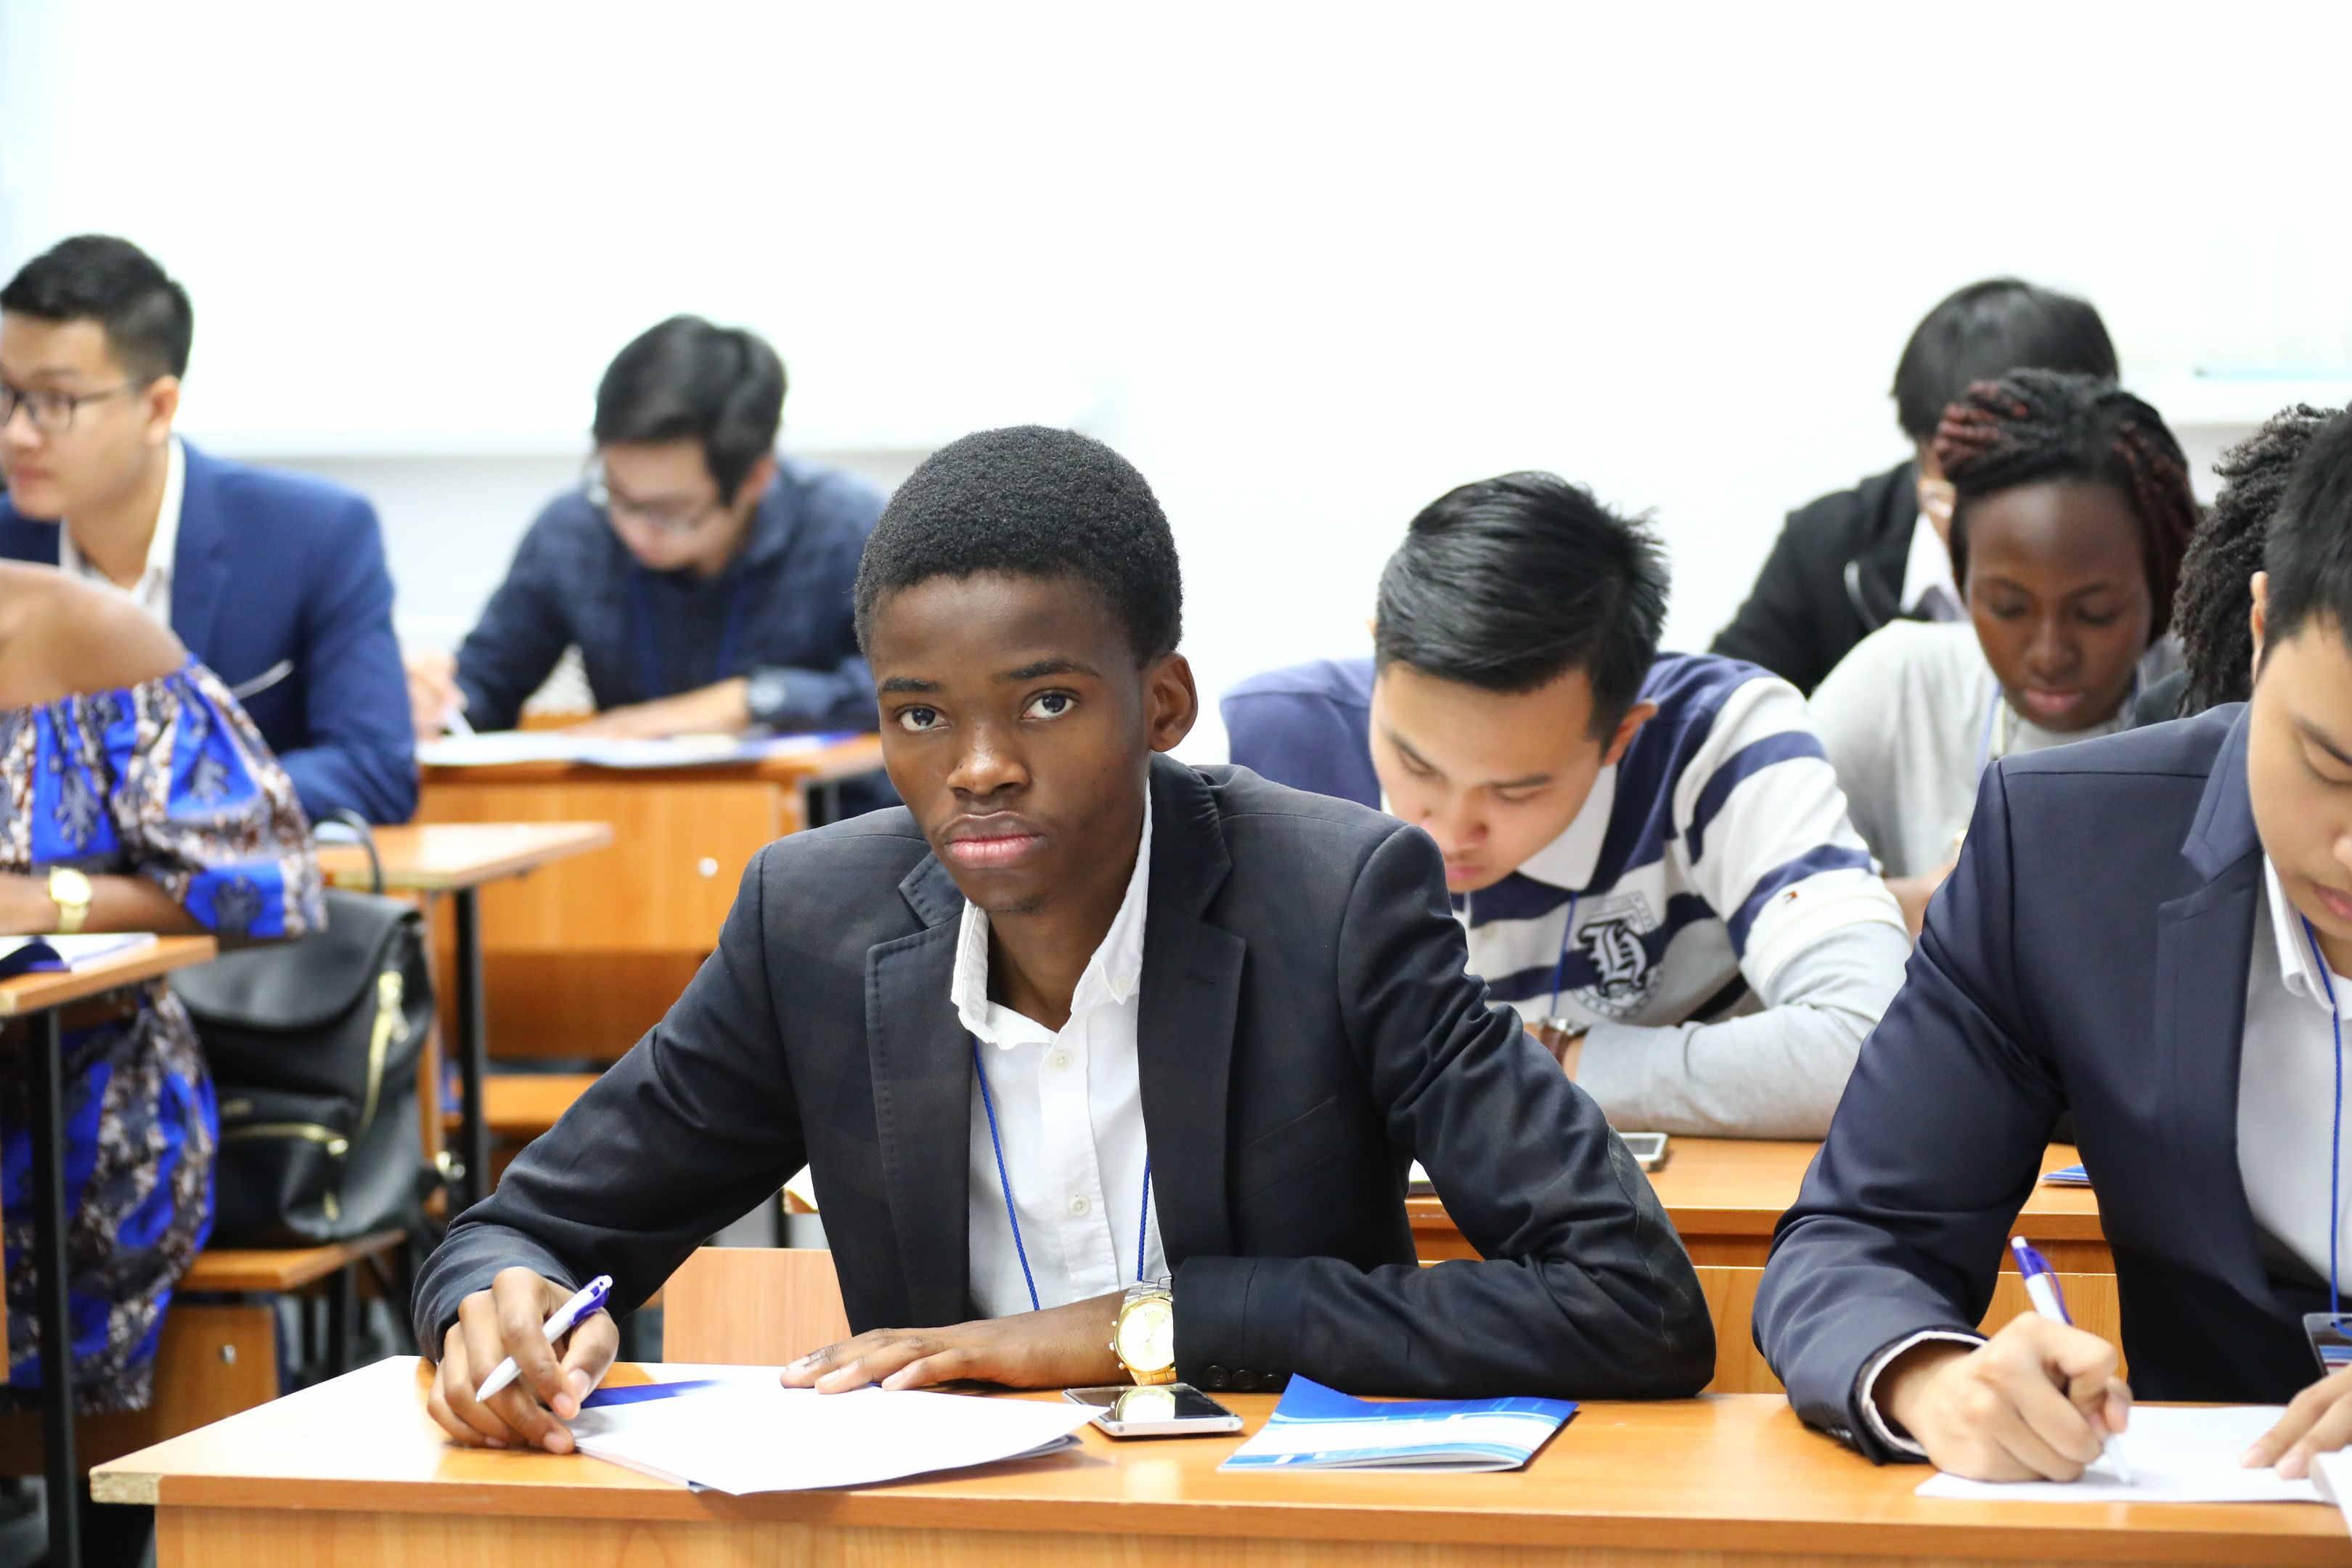 Образование за рубежом: обучение в австралии